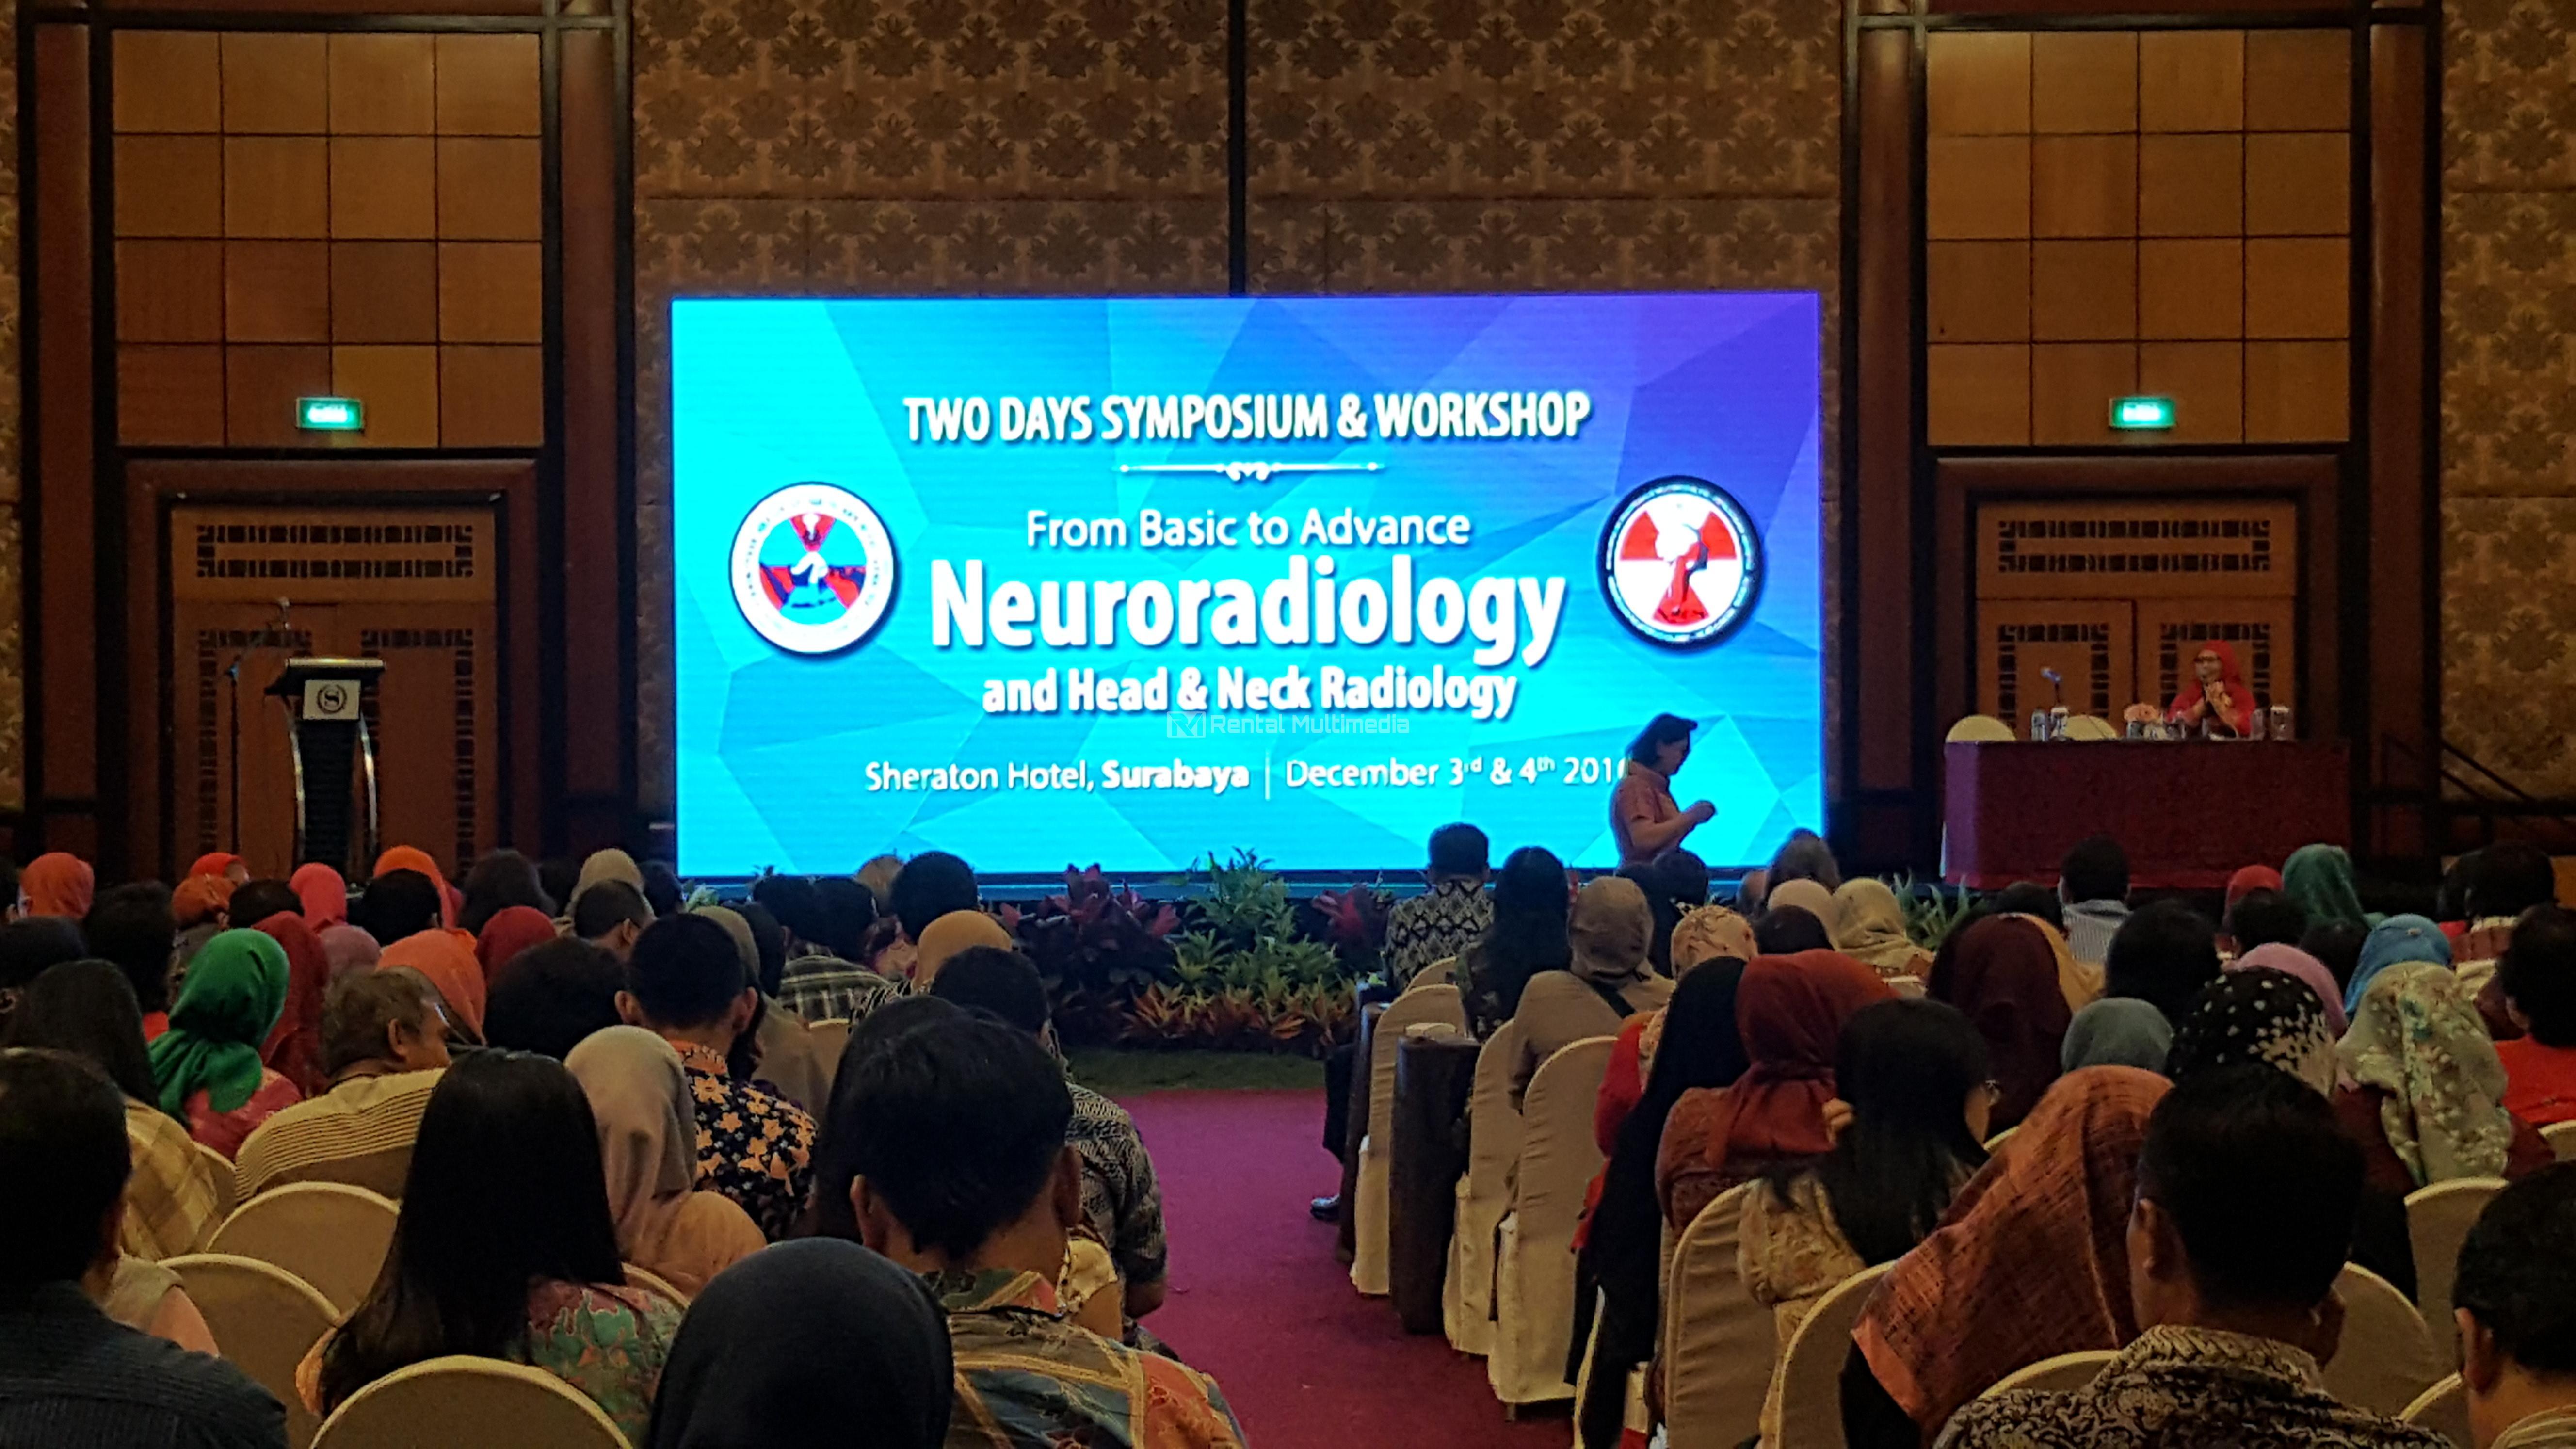 Rental Dan Sewa Led Videotron Surabaya Rental Multimedia Murah